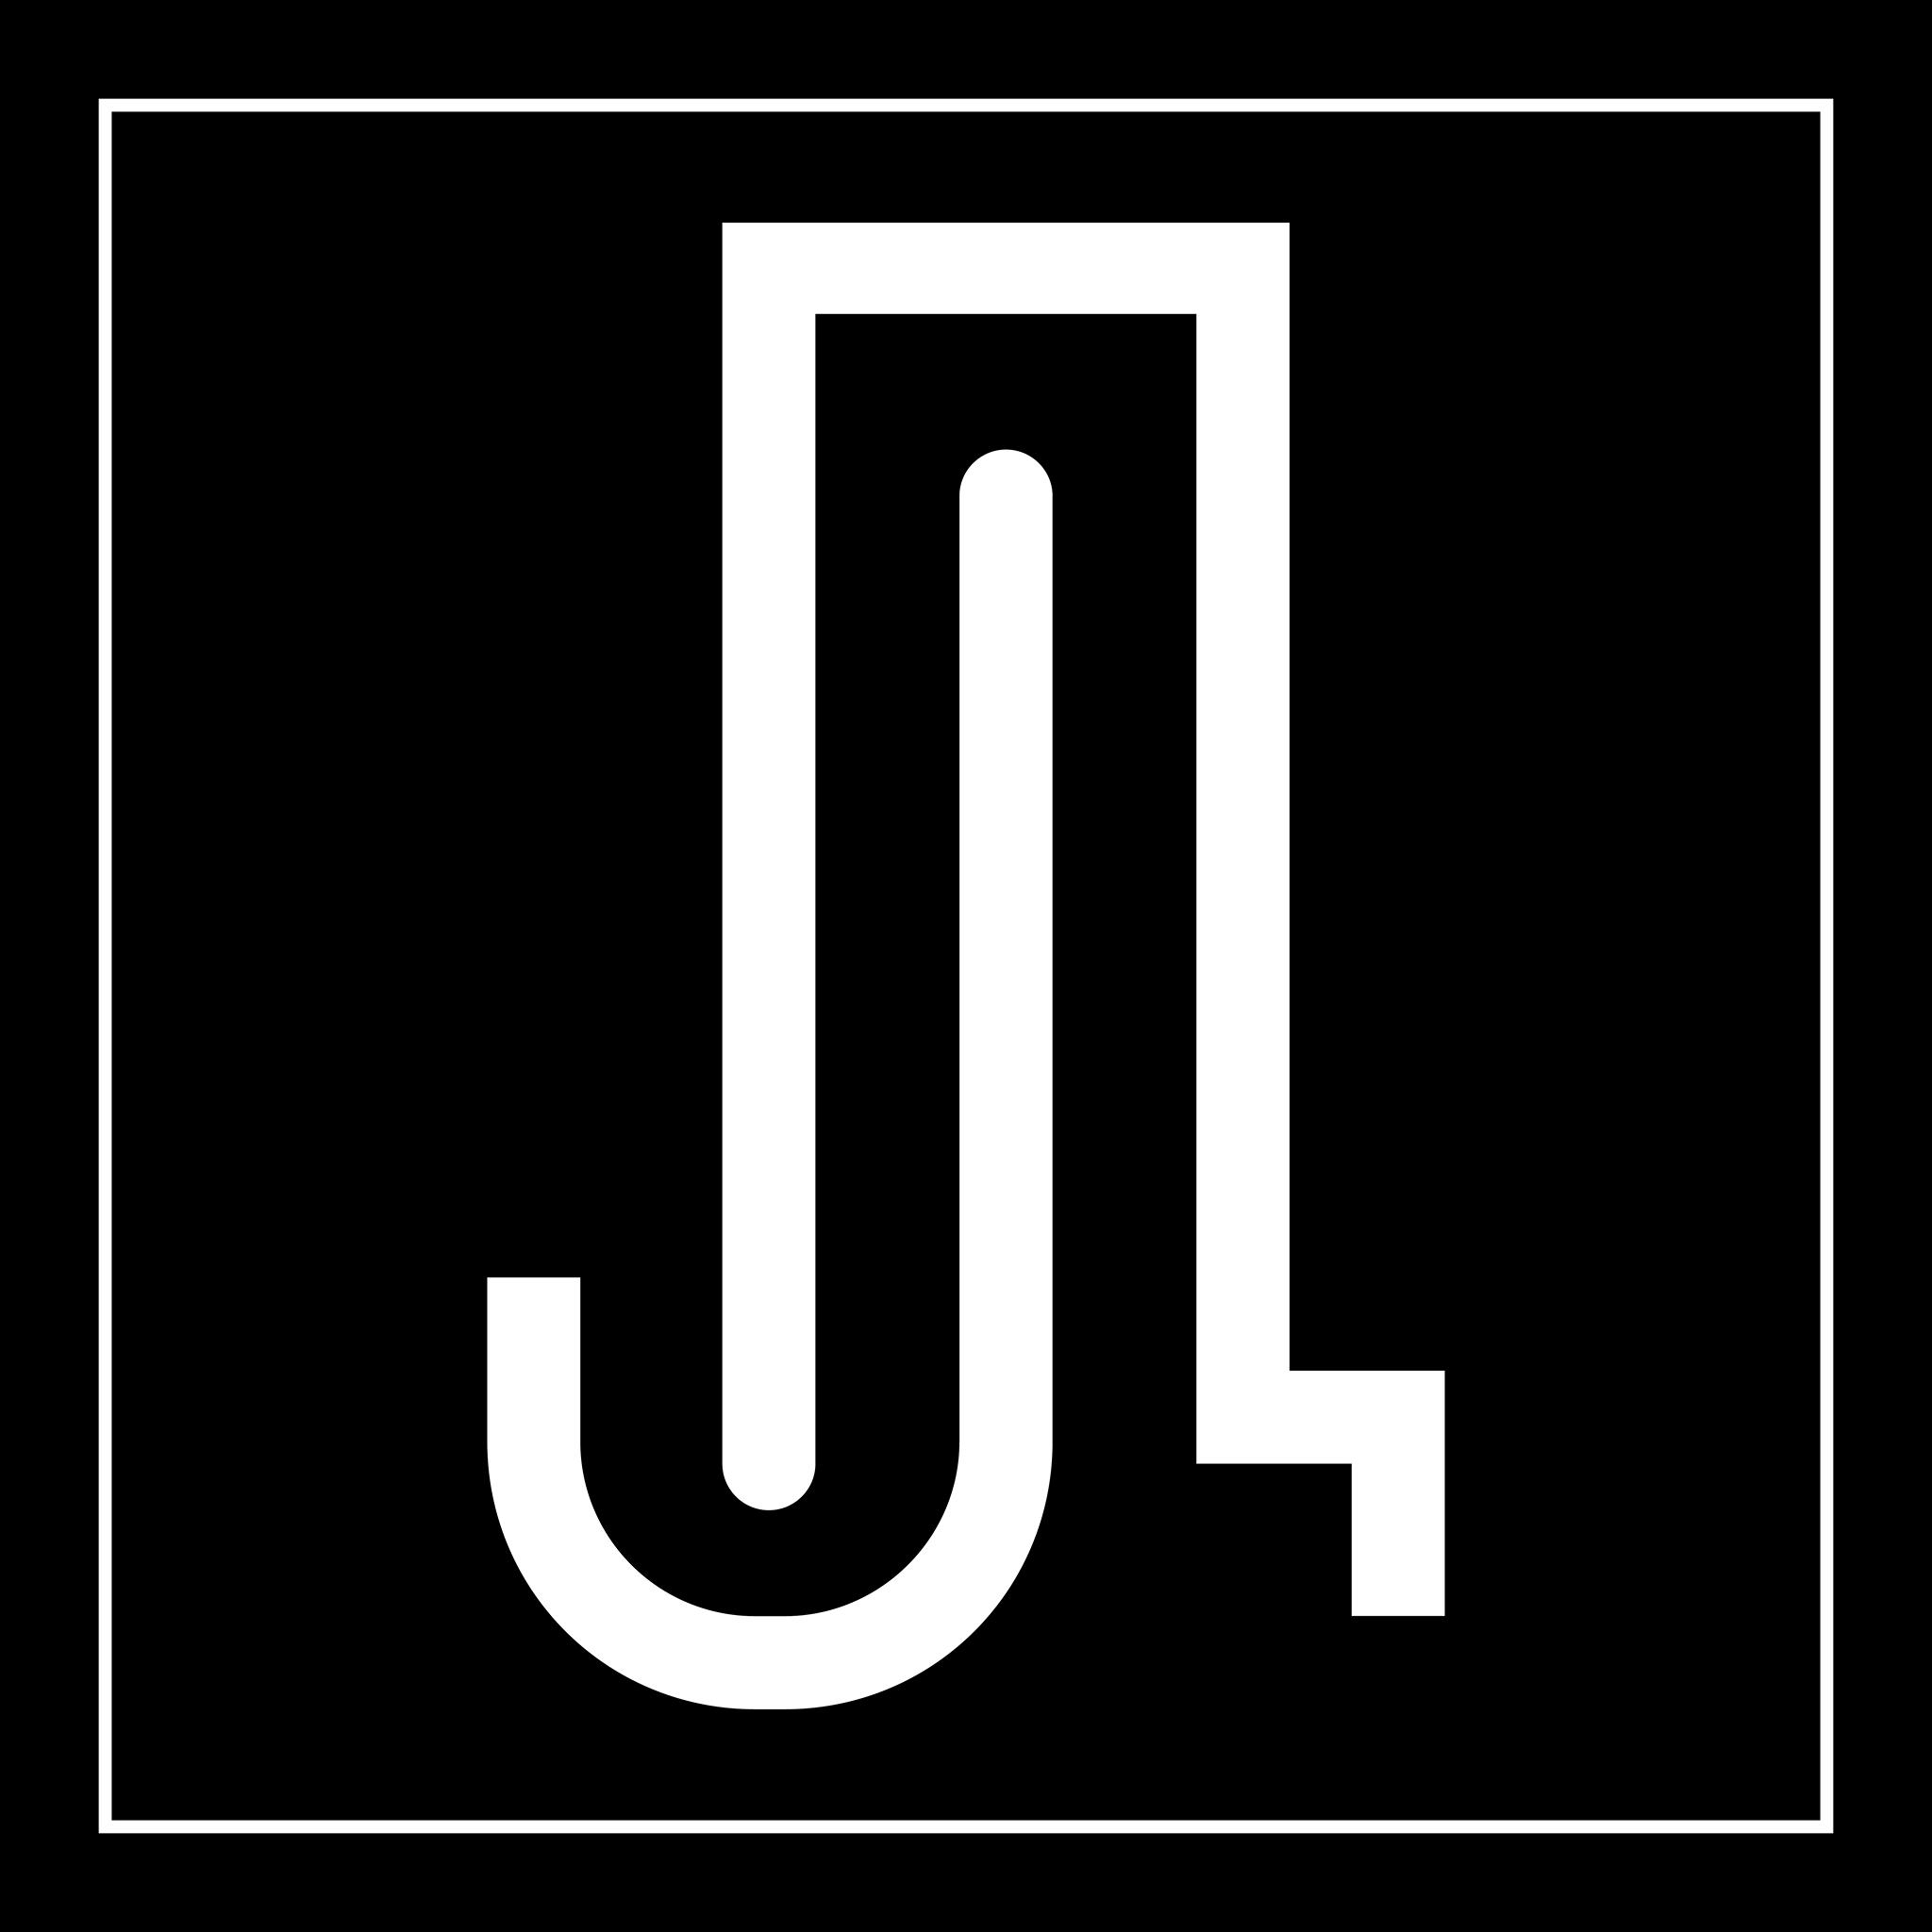 """Kafe bar """"Julijan Djupon"""": Potrebno pojačanje"""